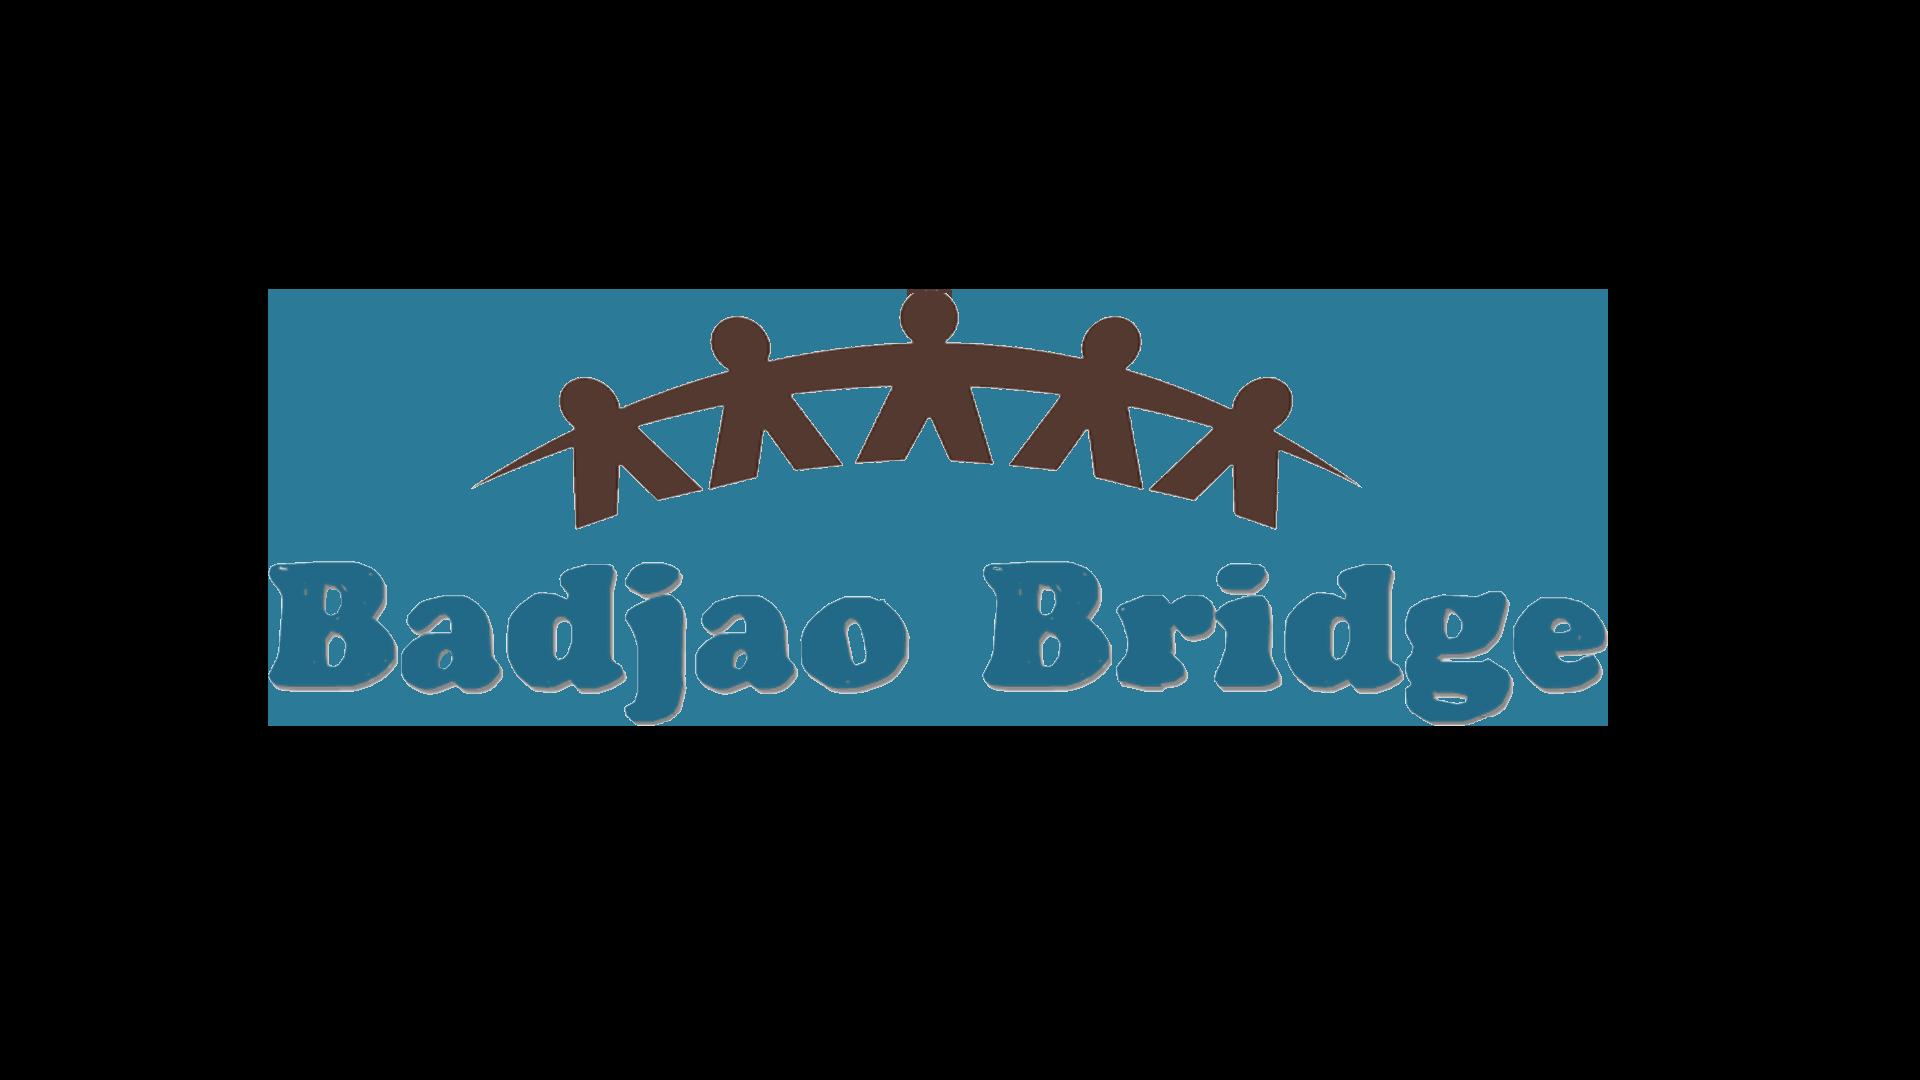 Badjao-1920a.png